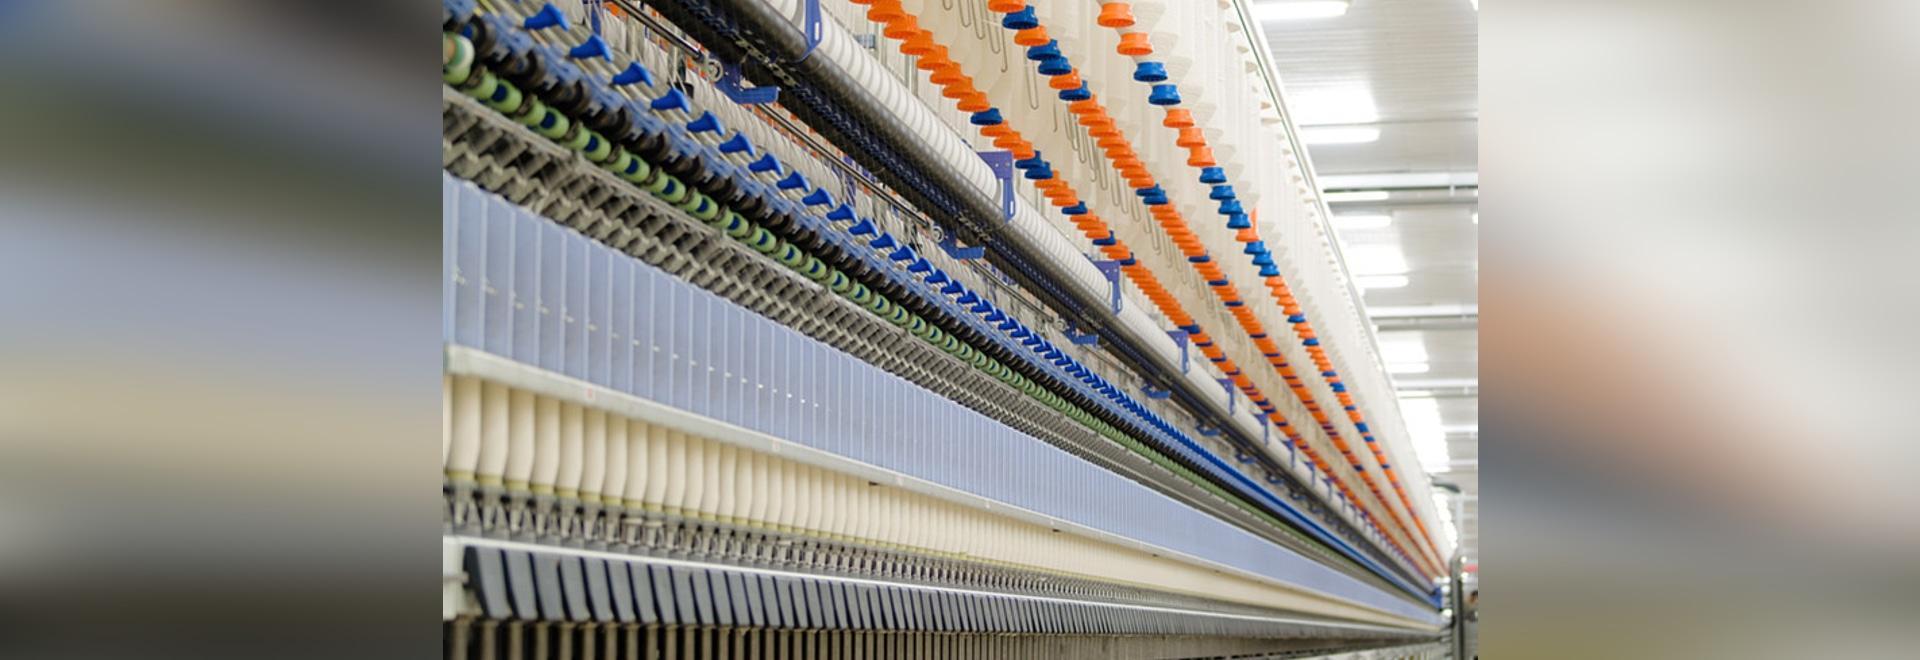 El inversor especial de Goodriver300 EPS adopta diseño modularizado y se equipa de la tarjeta de la sincronización de la red eléctrica.